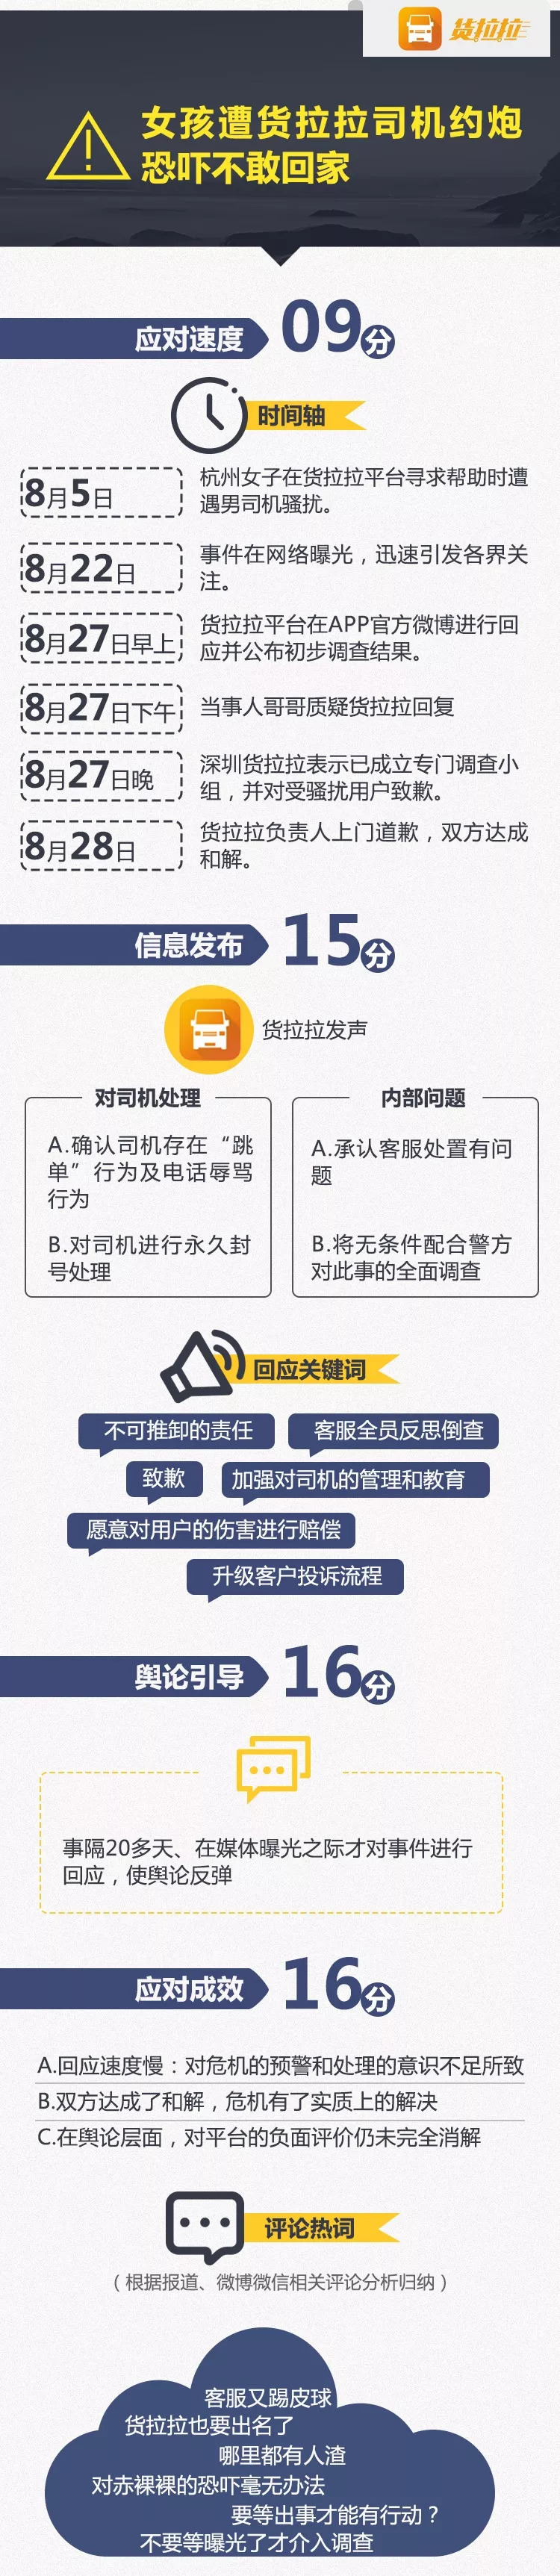 """深圳四季酒店地下停车场事件真相大白,一场""""过分想象""""引发了集体恐慌?"""